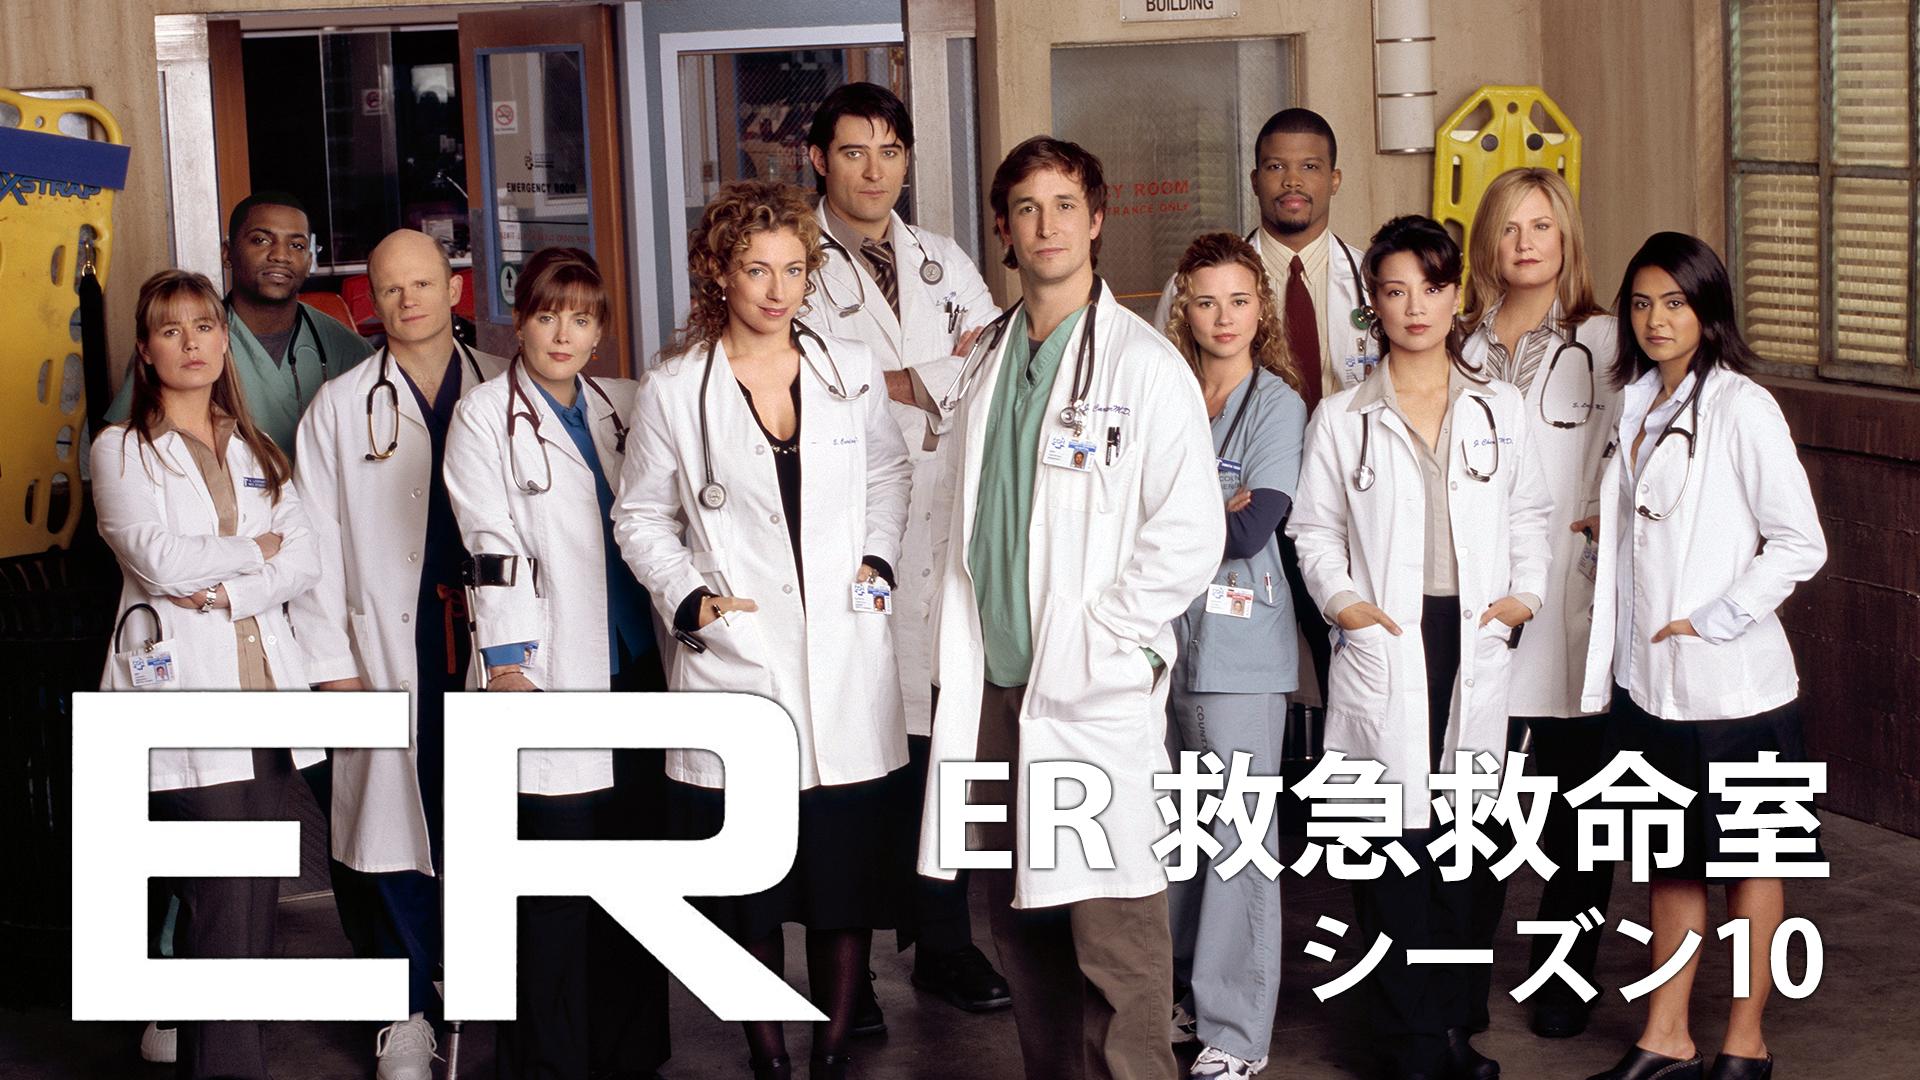 ER緊急救命室 シーズン10の動画 - ER緊急救命室 シーズン11